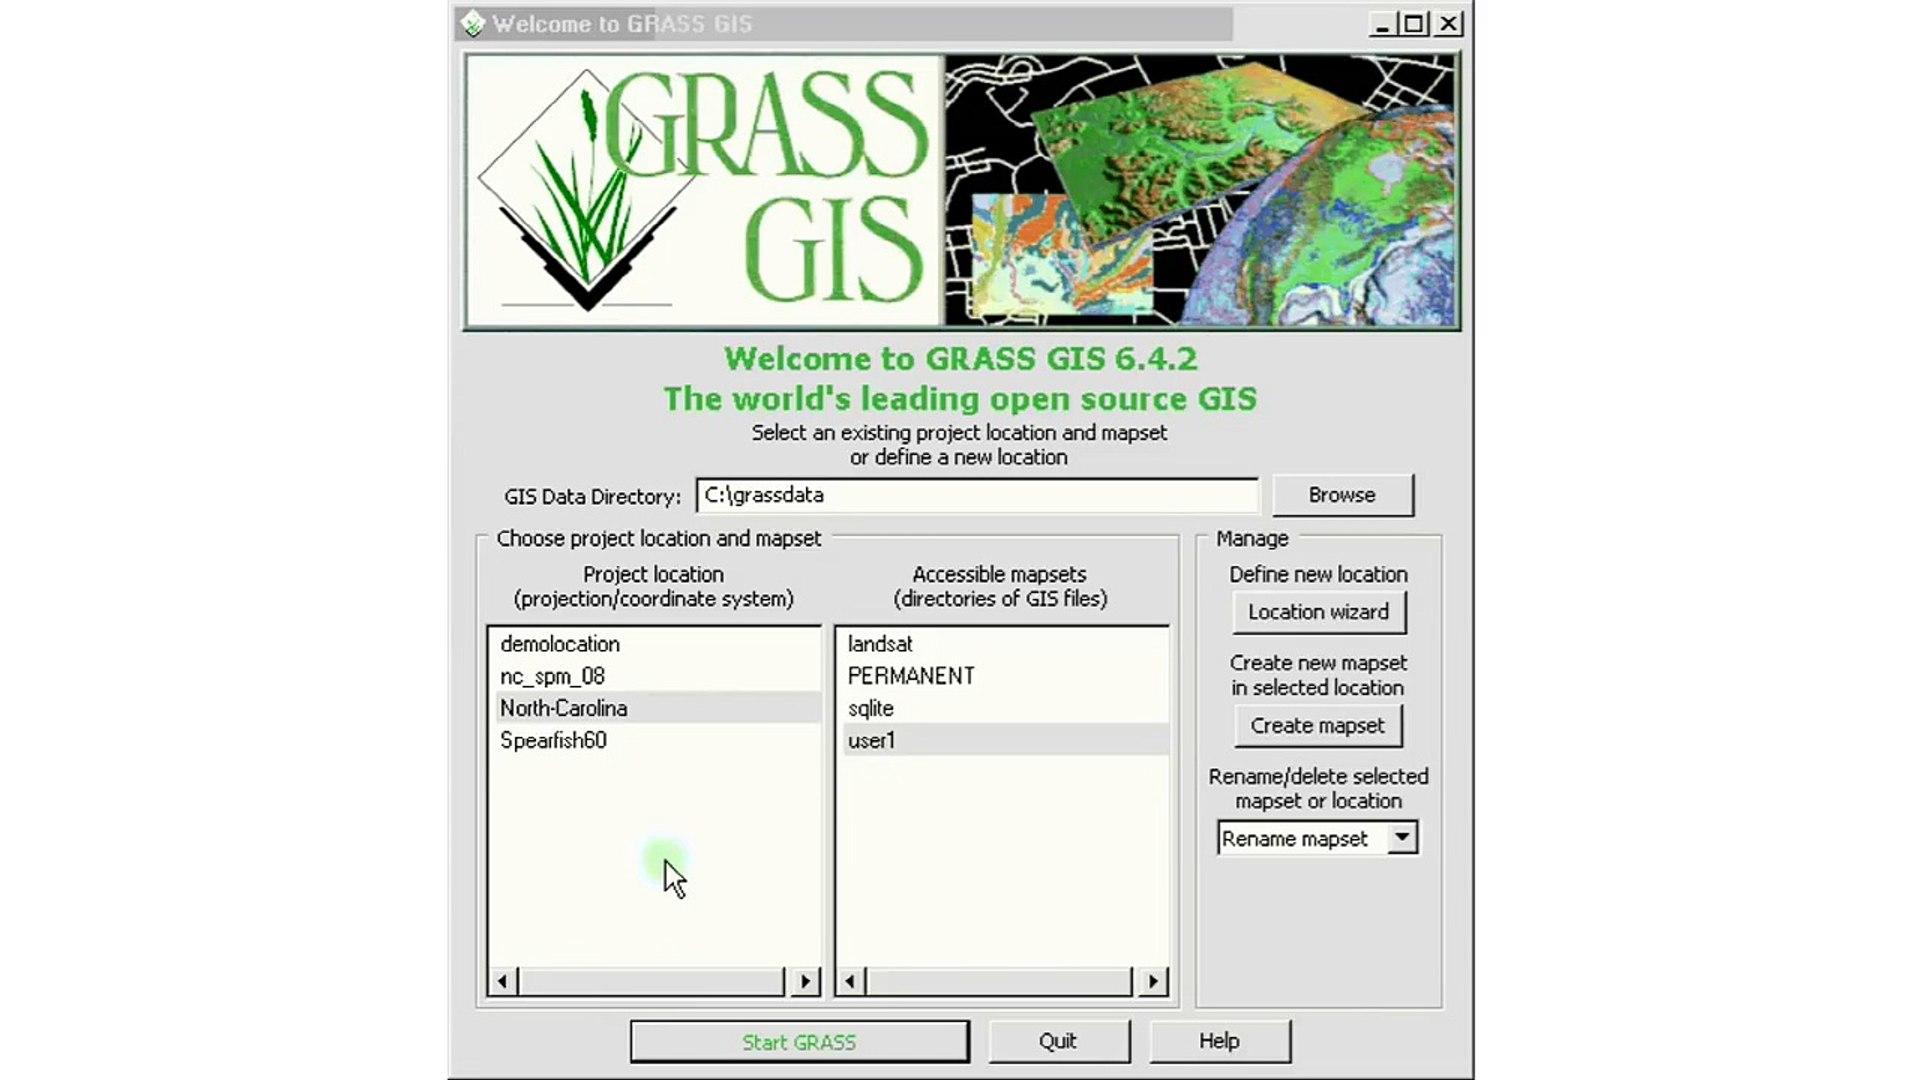 GRASS GIS Tutorials - Tutorial 5 - Project Data Management